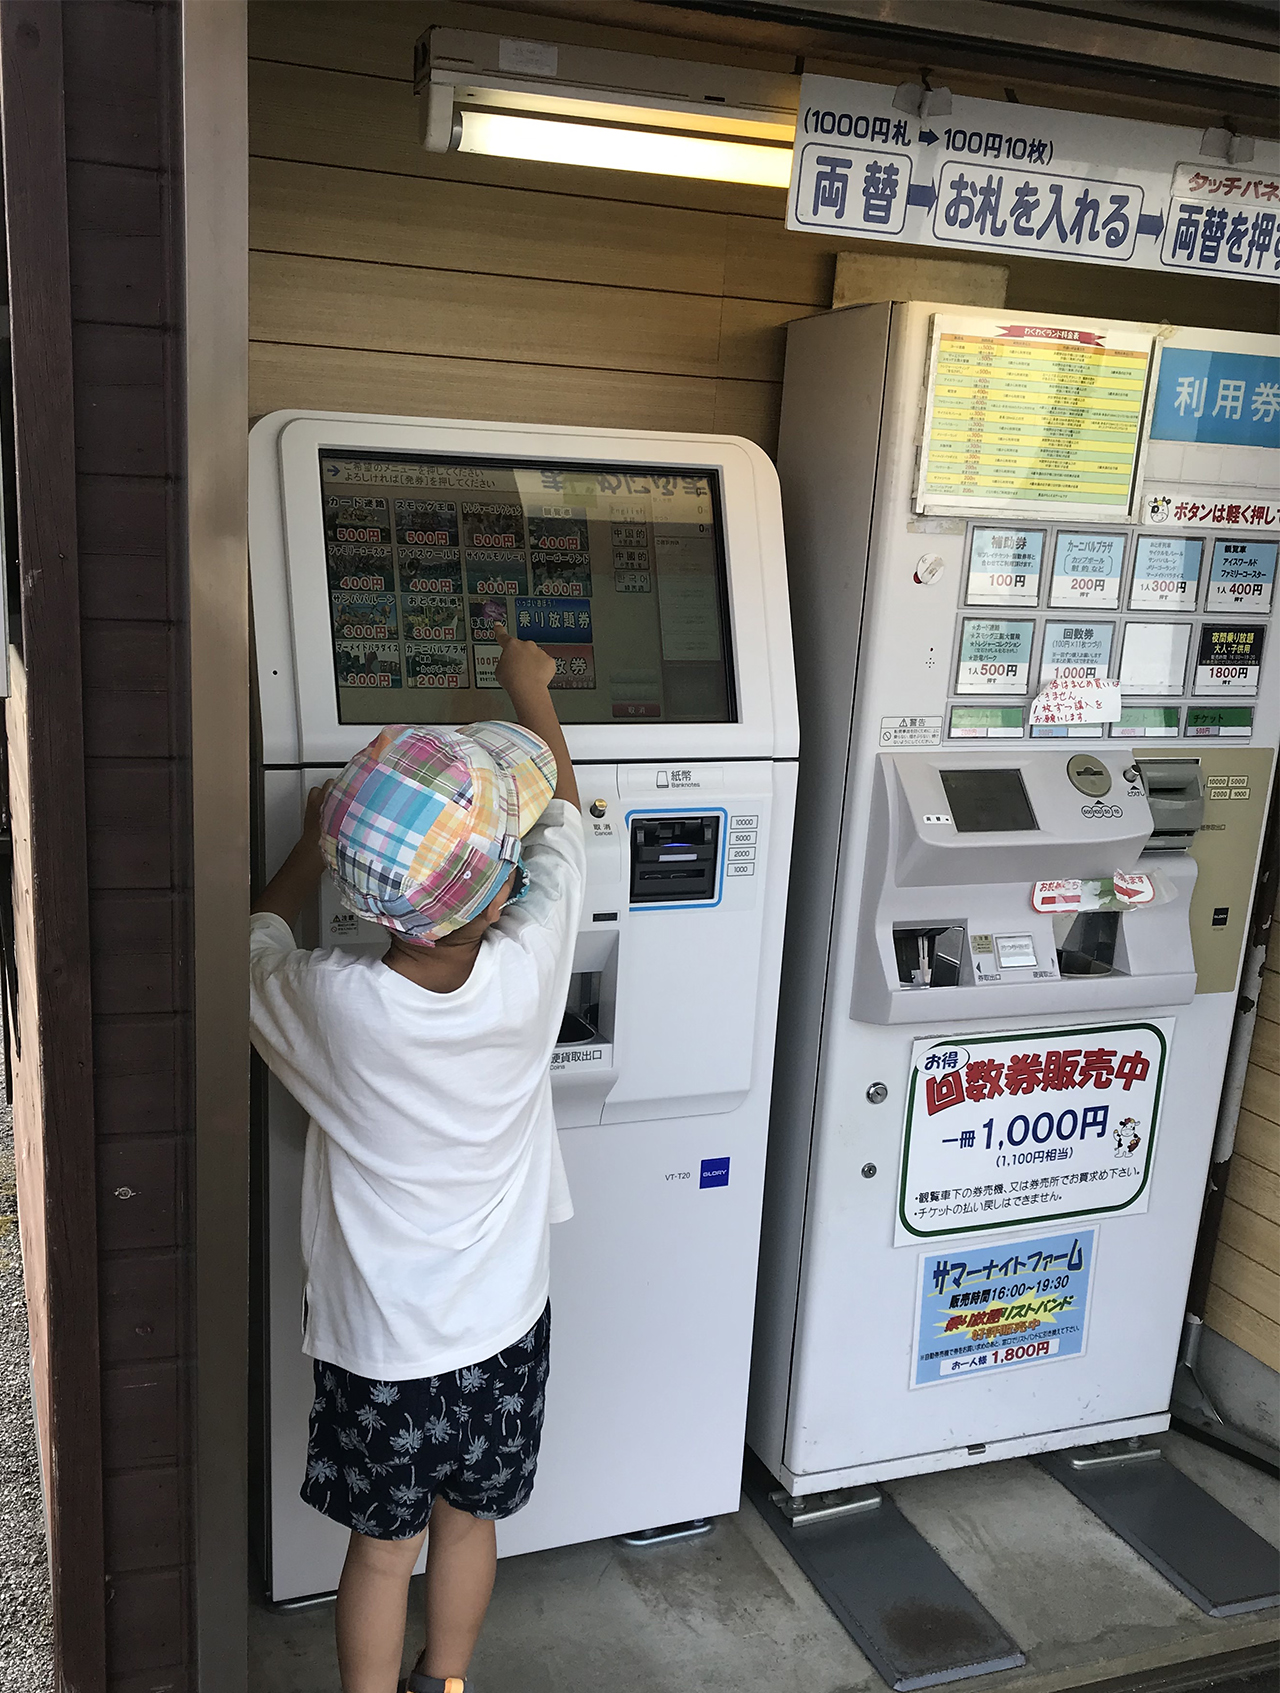 アトラクションの券売機の写真